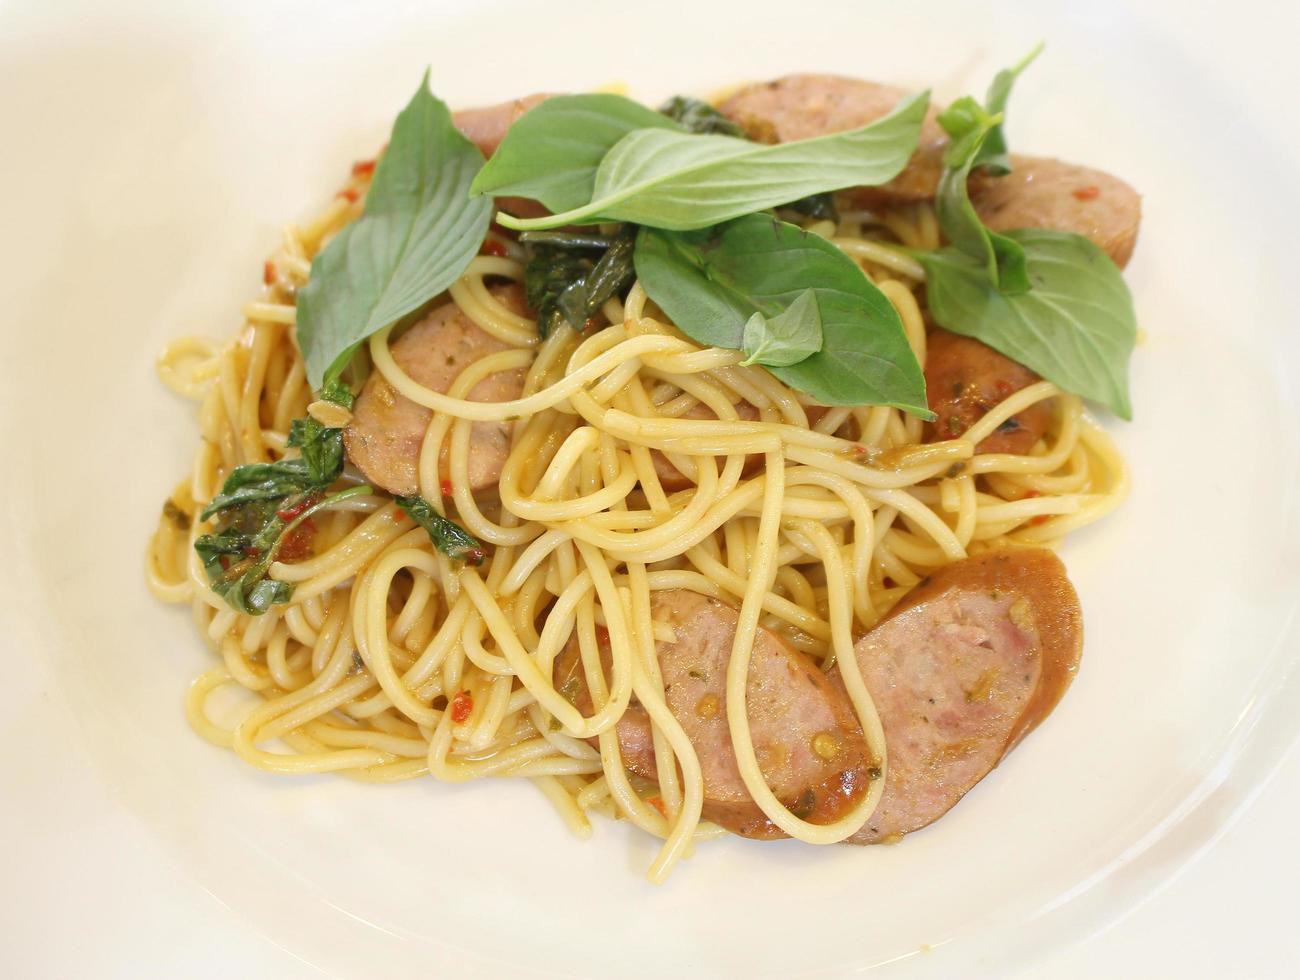 Spaghetti à la saucisse fumée sur plaque blanche photo